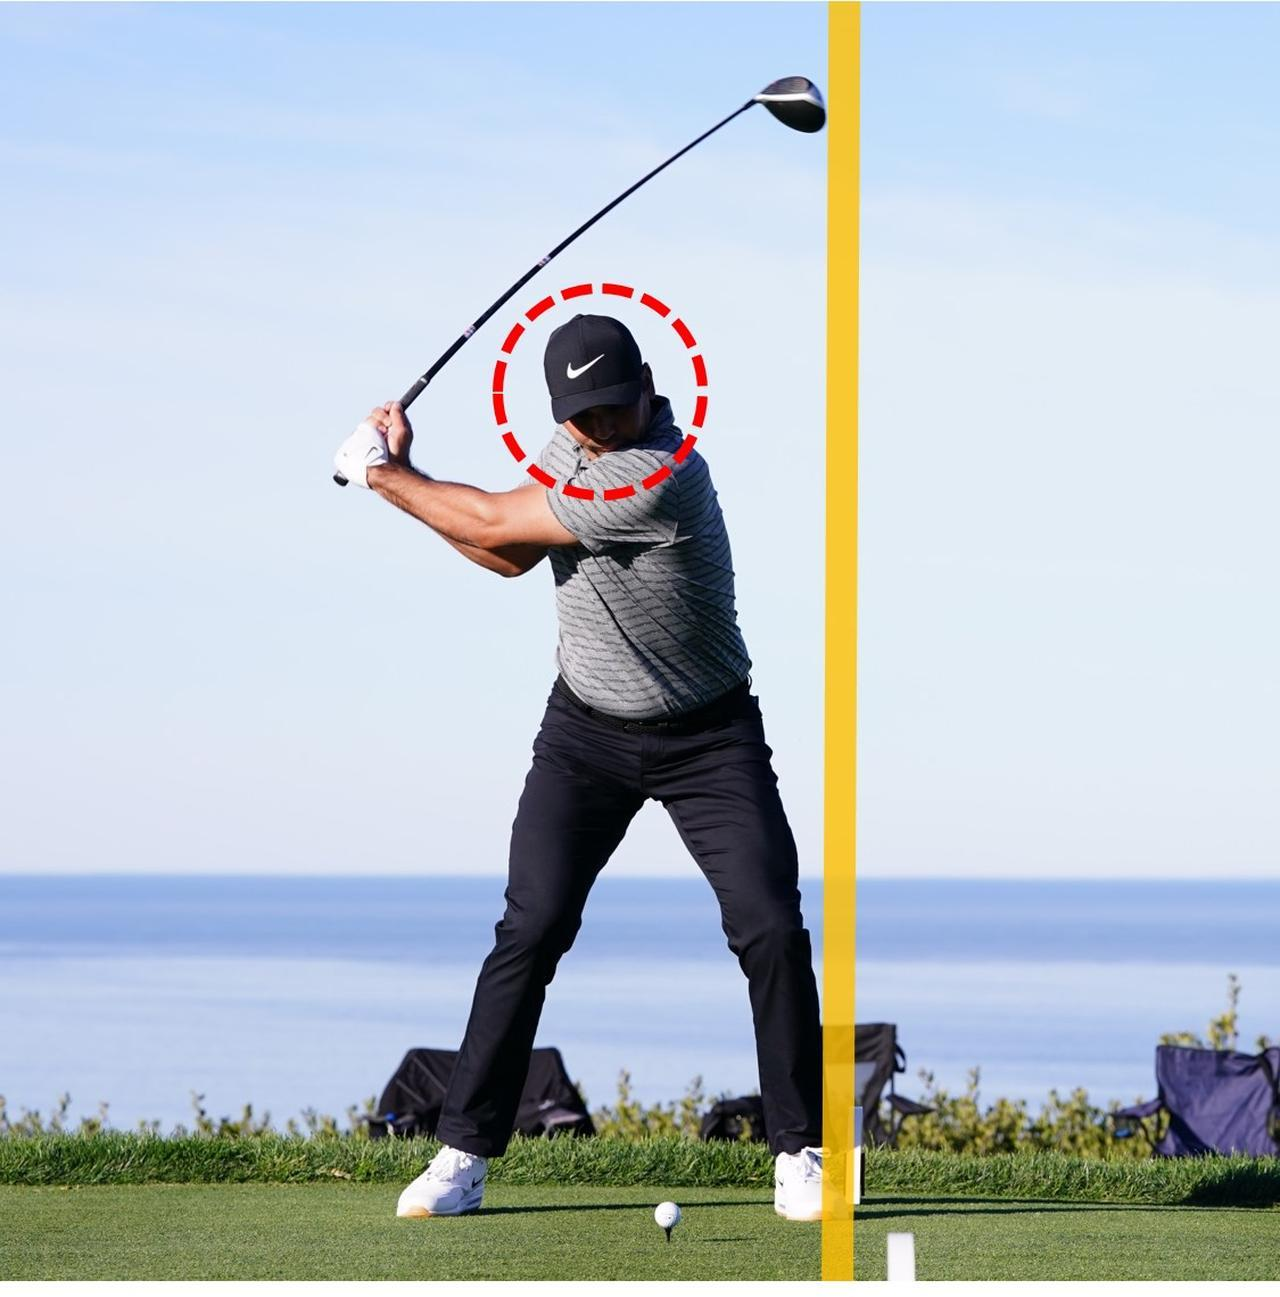 画像: わずかなスライドをきっかけに、左足への荷重を開始